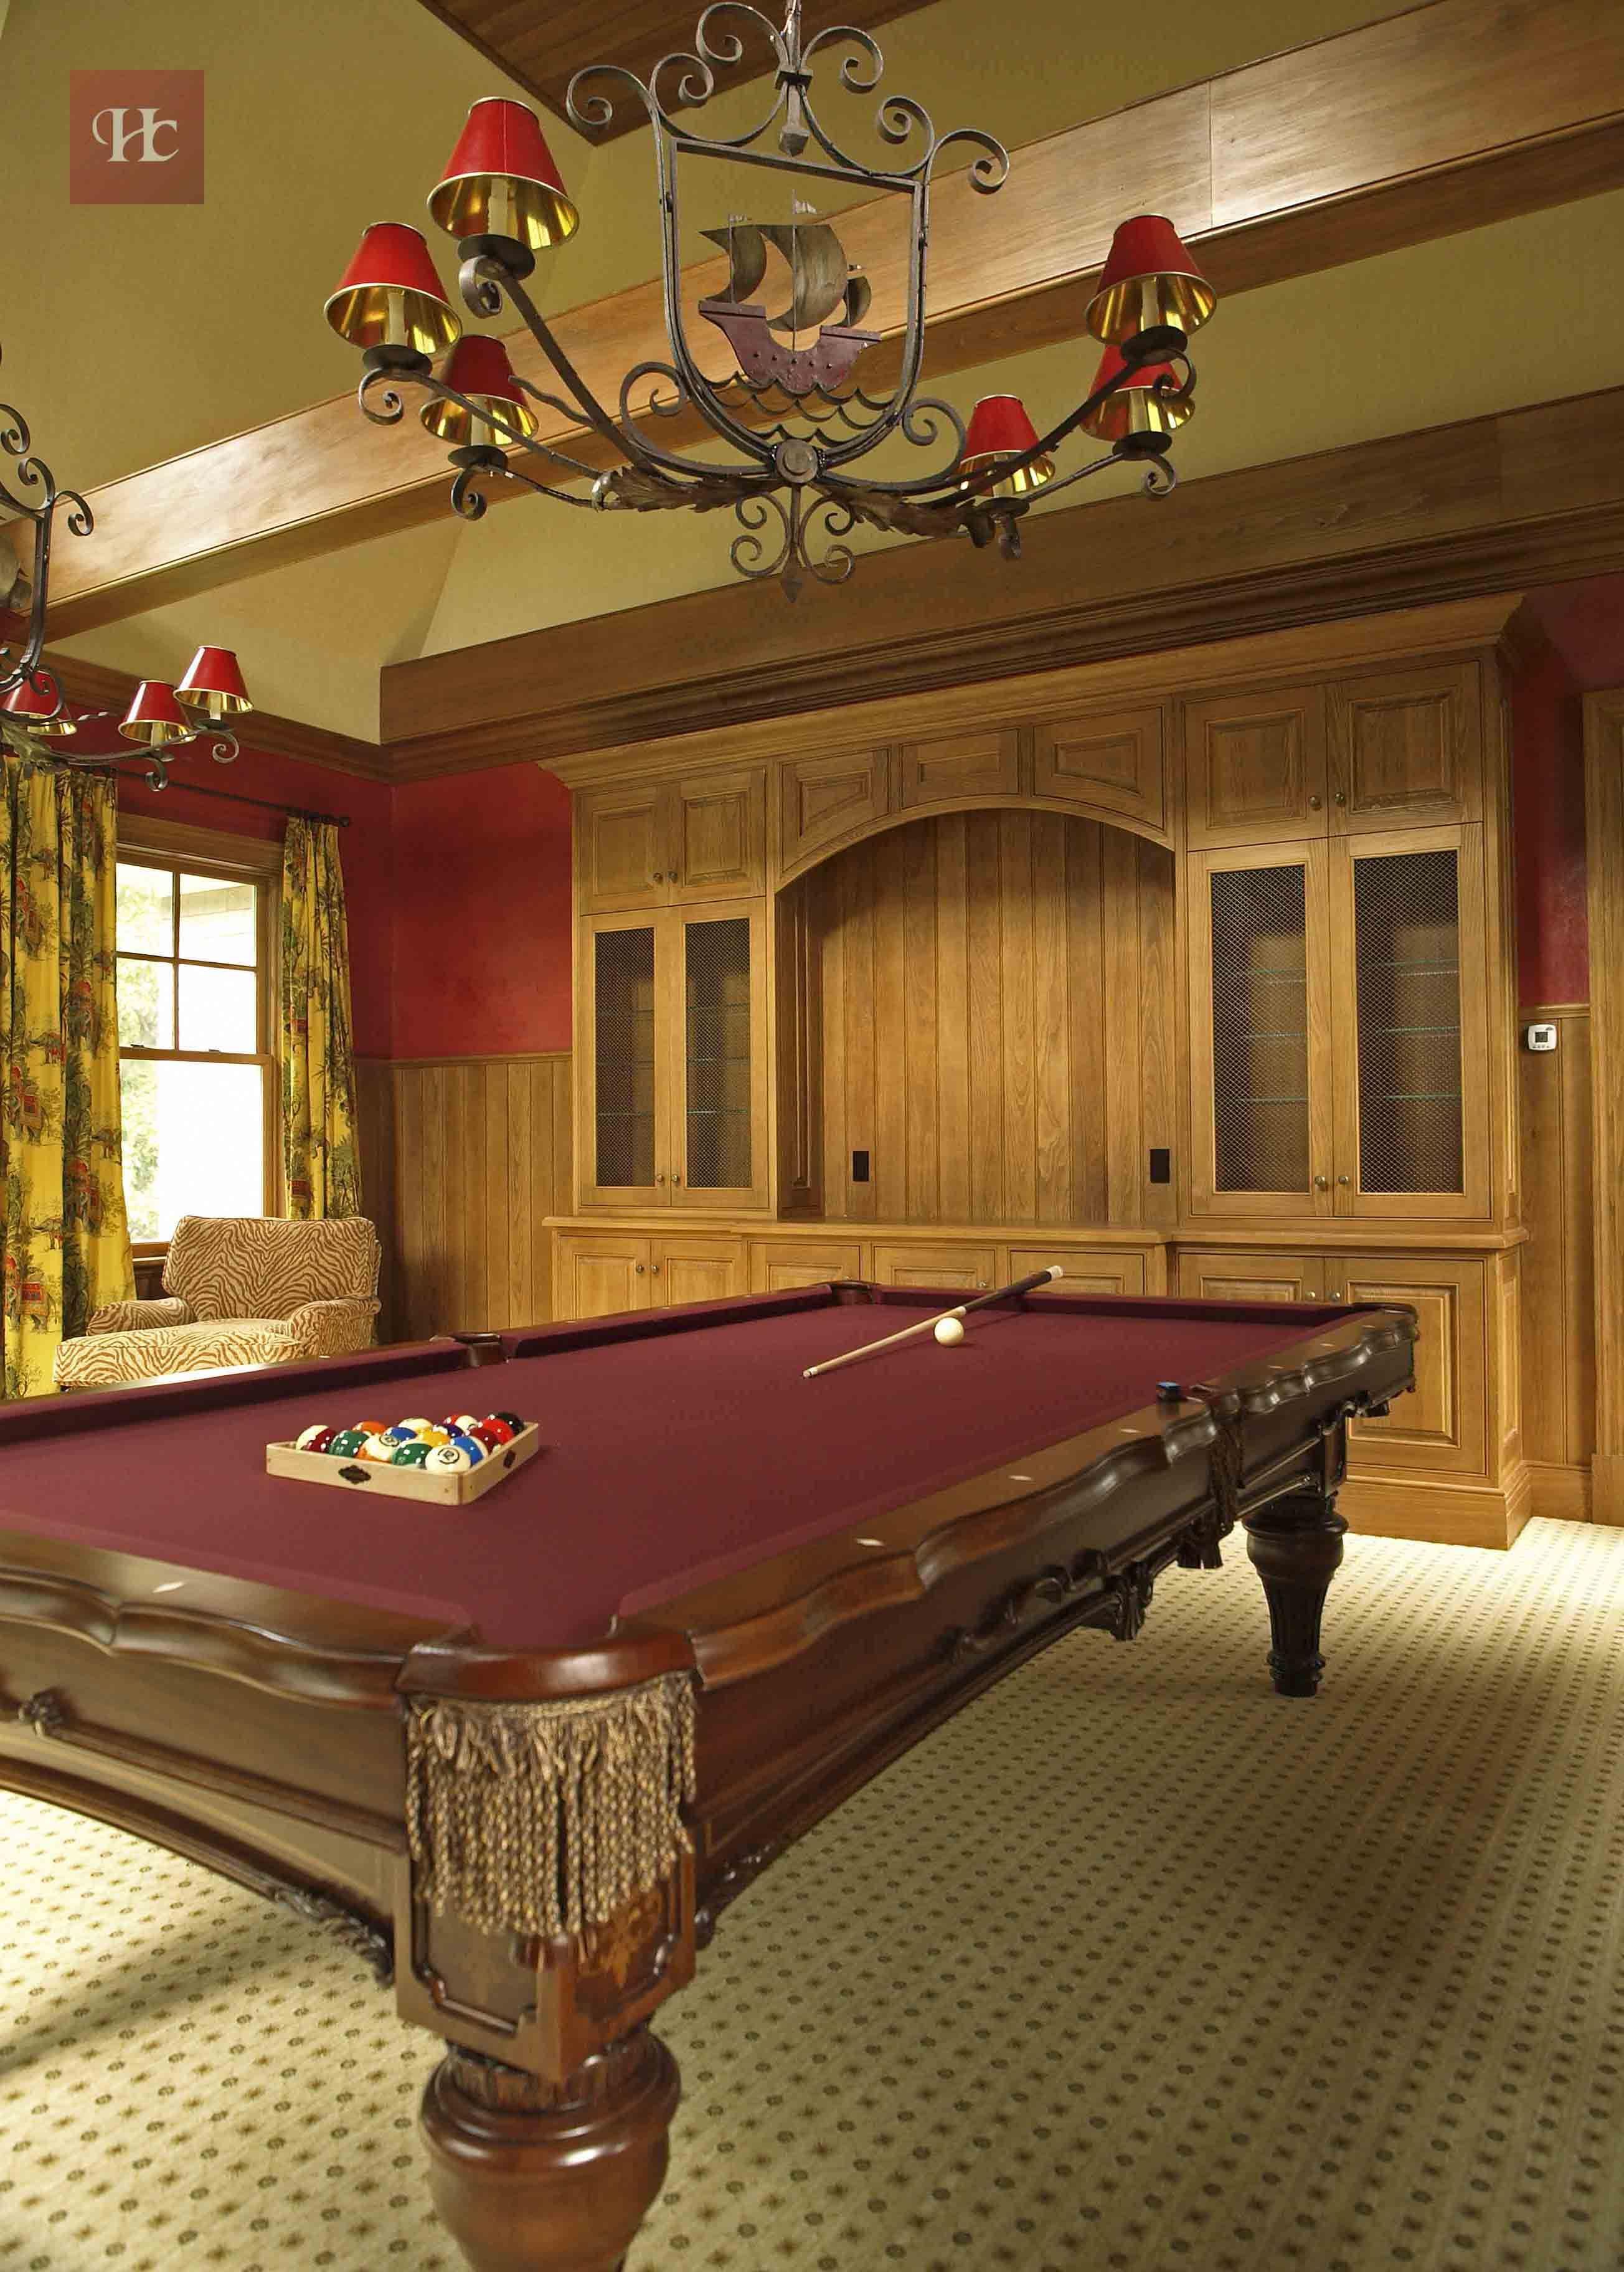 Billard Room Billards Room Pool Table Felt Colors Billiard Room